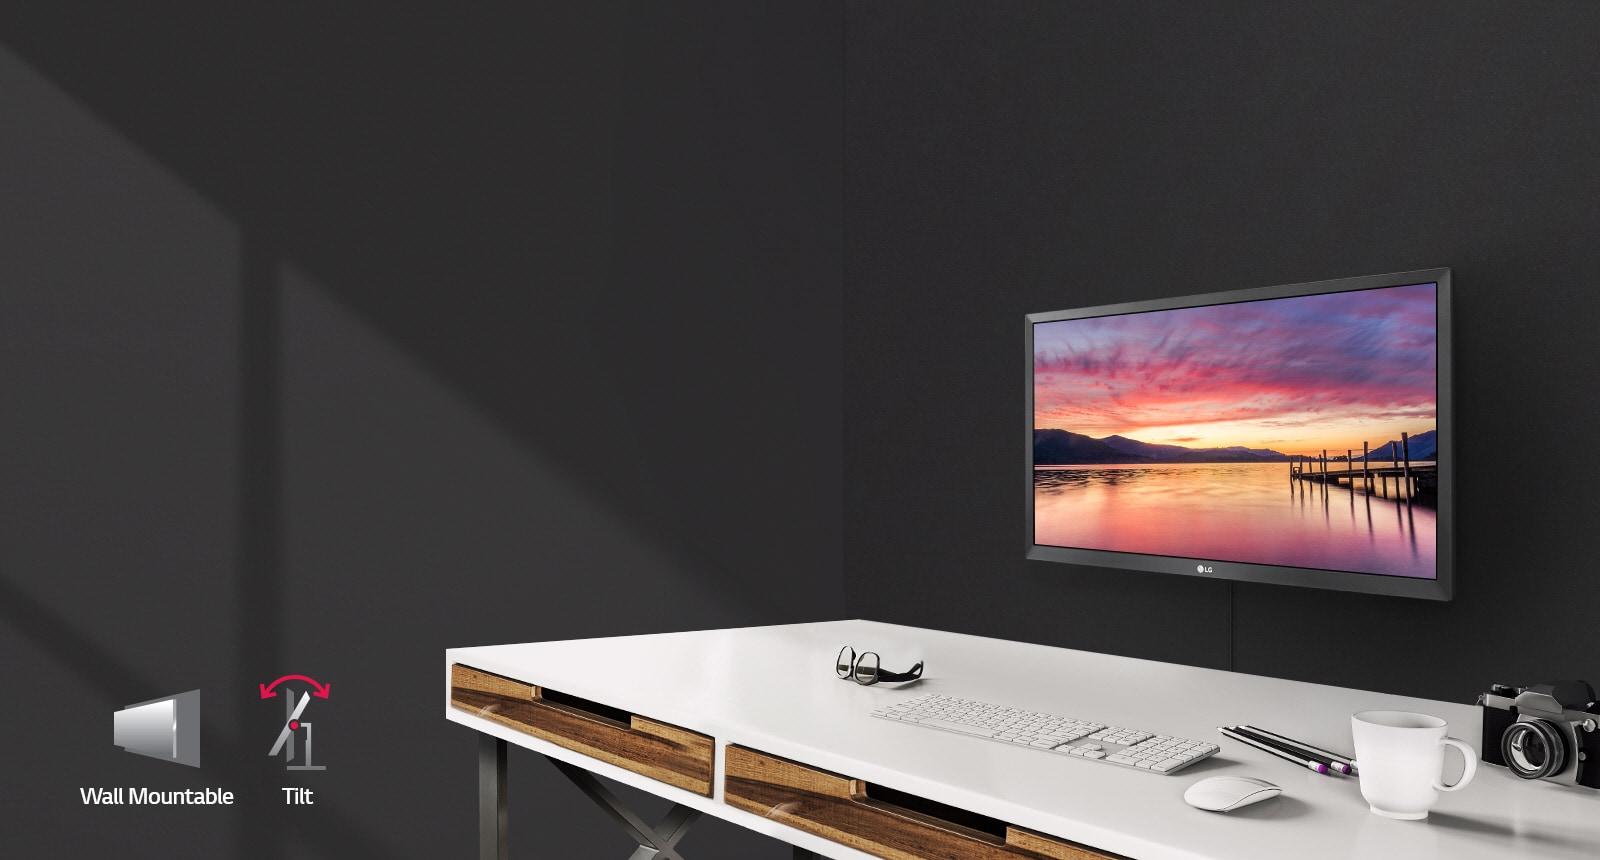 LG Monitors - Convenient and Flexible